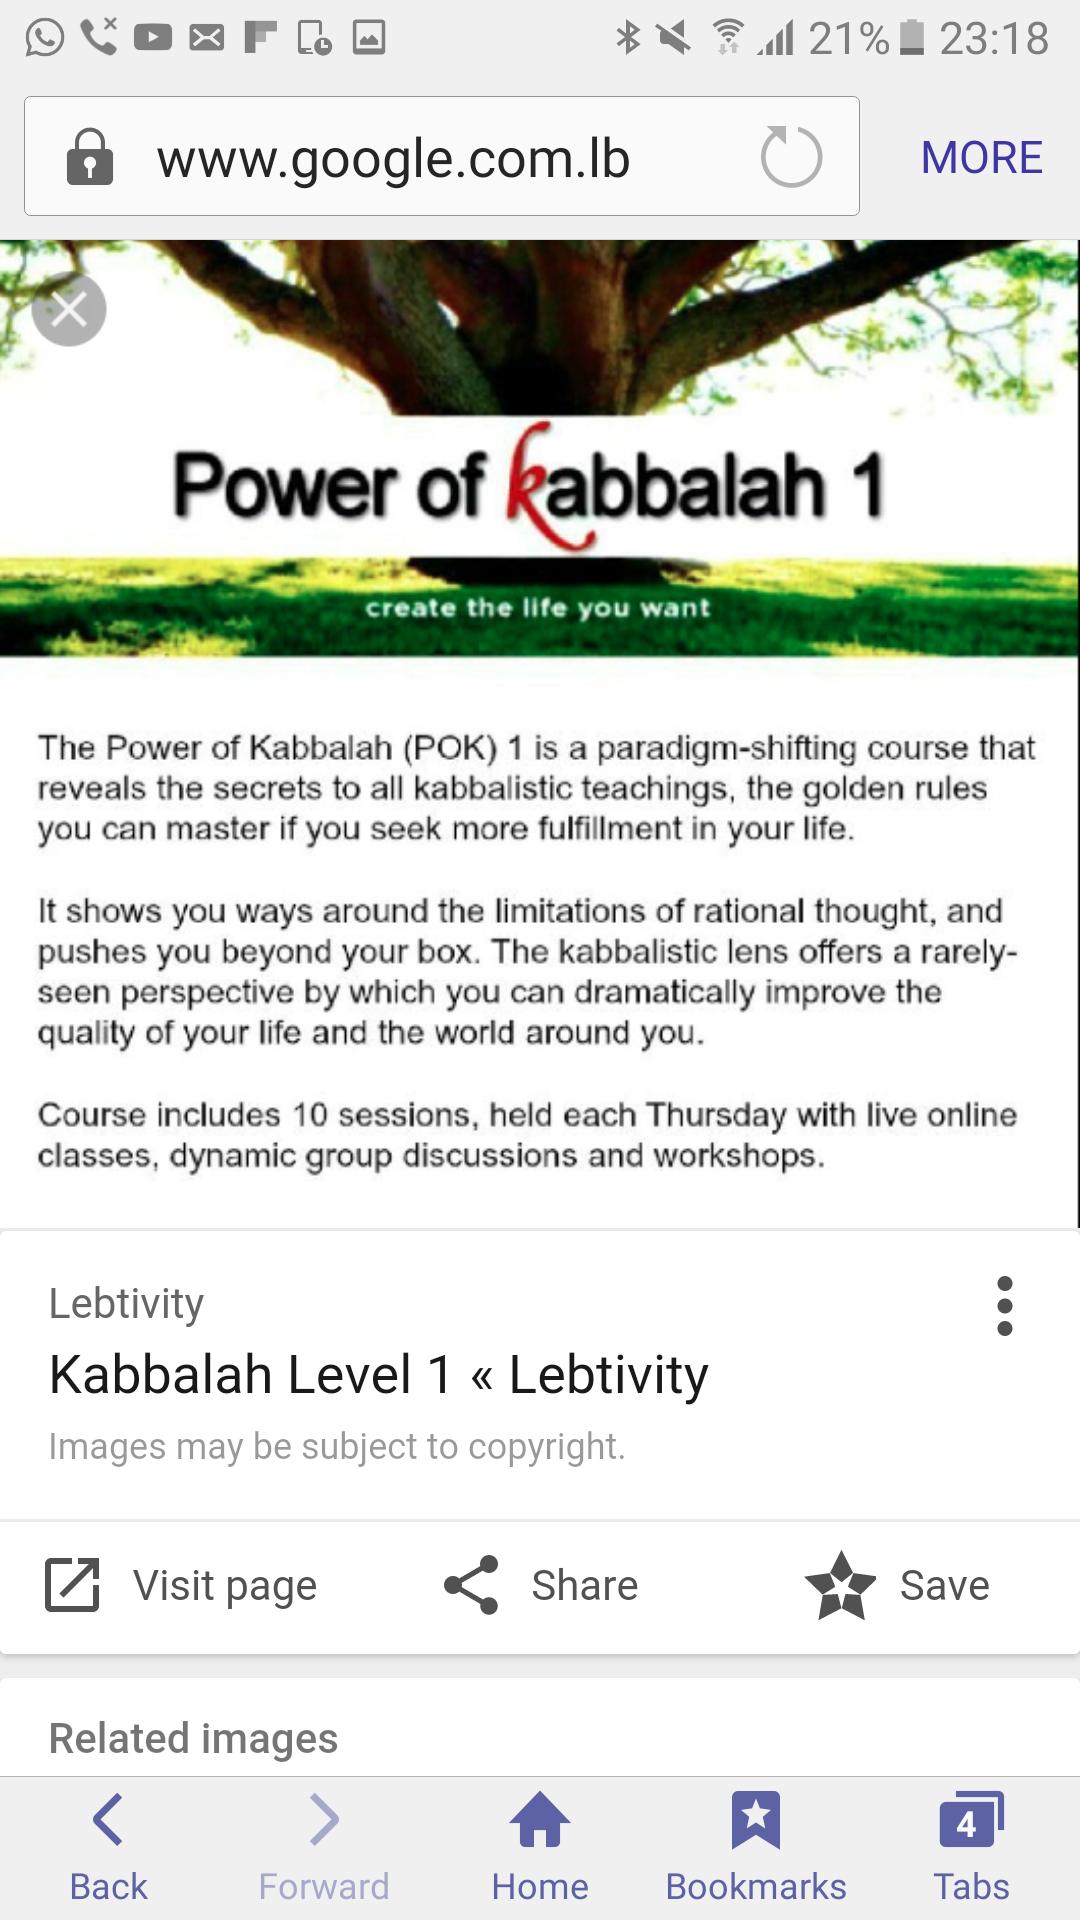 Kabbalah level 1 « Lebtivity